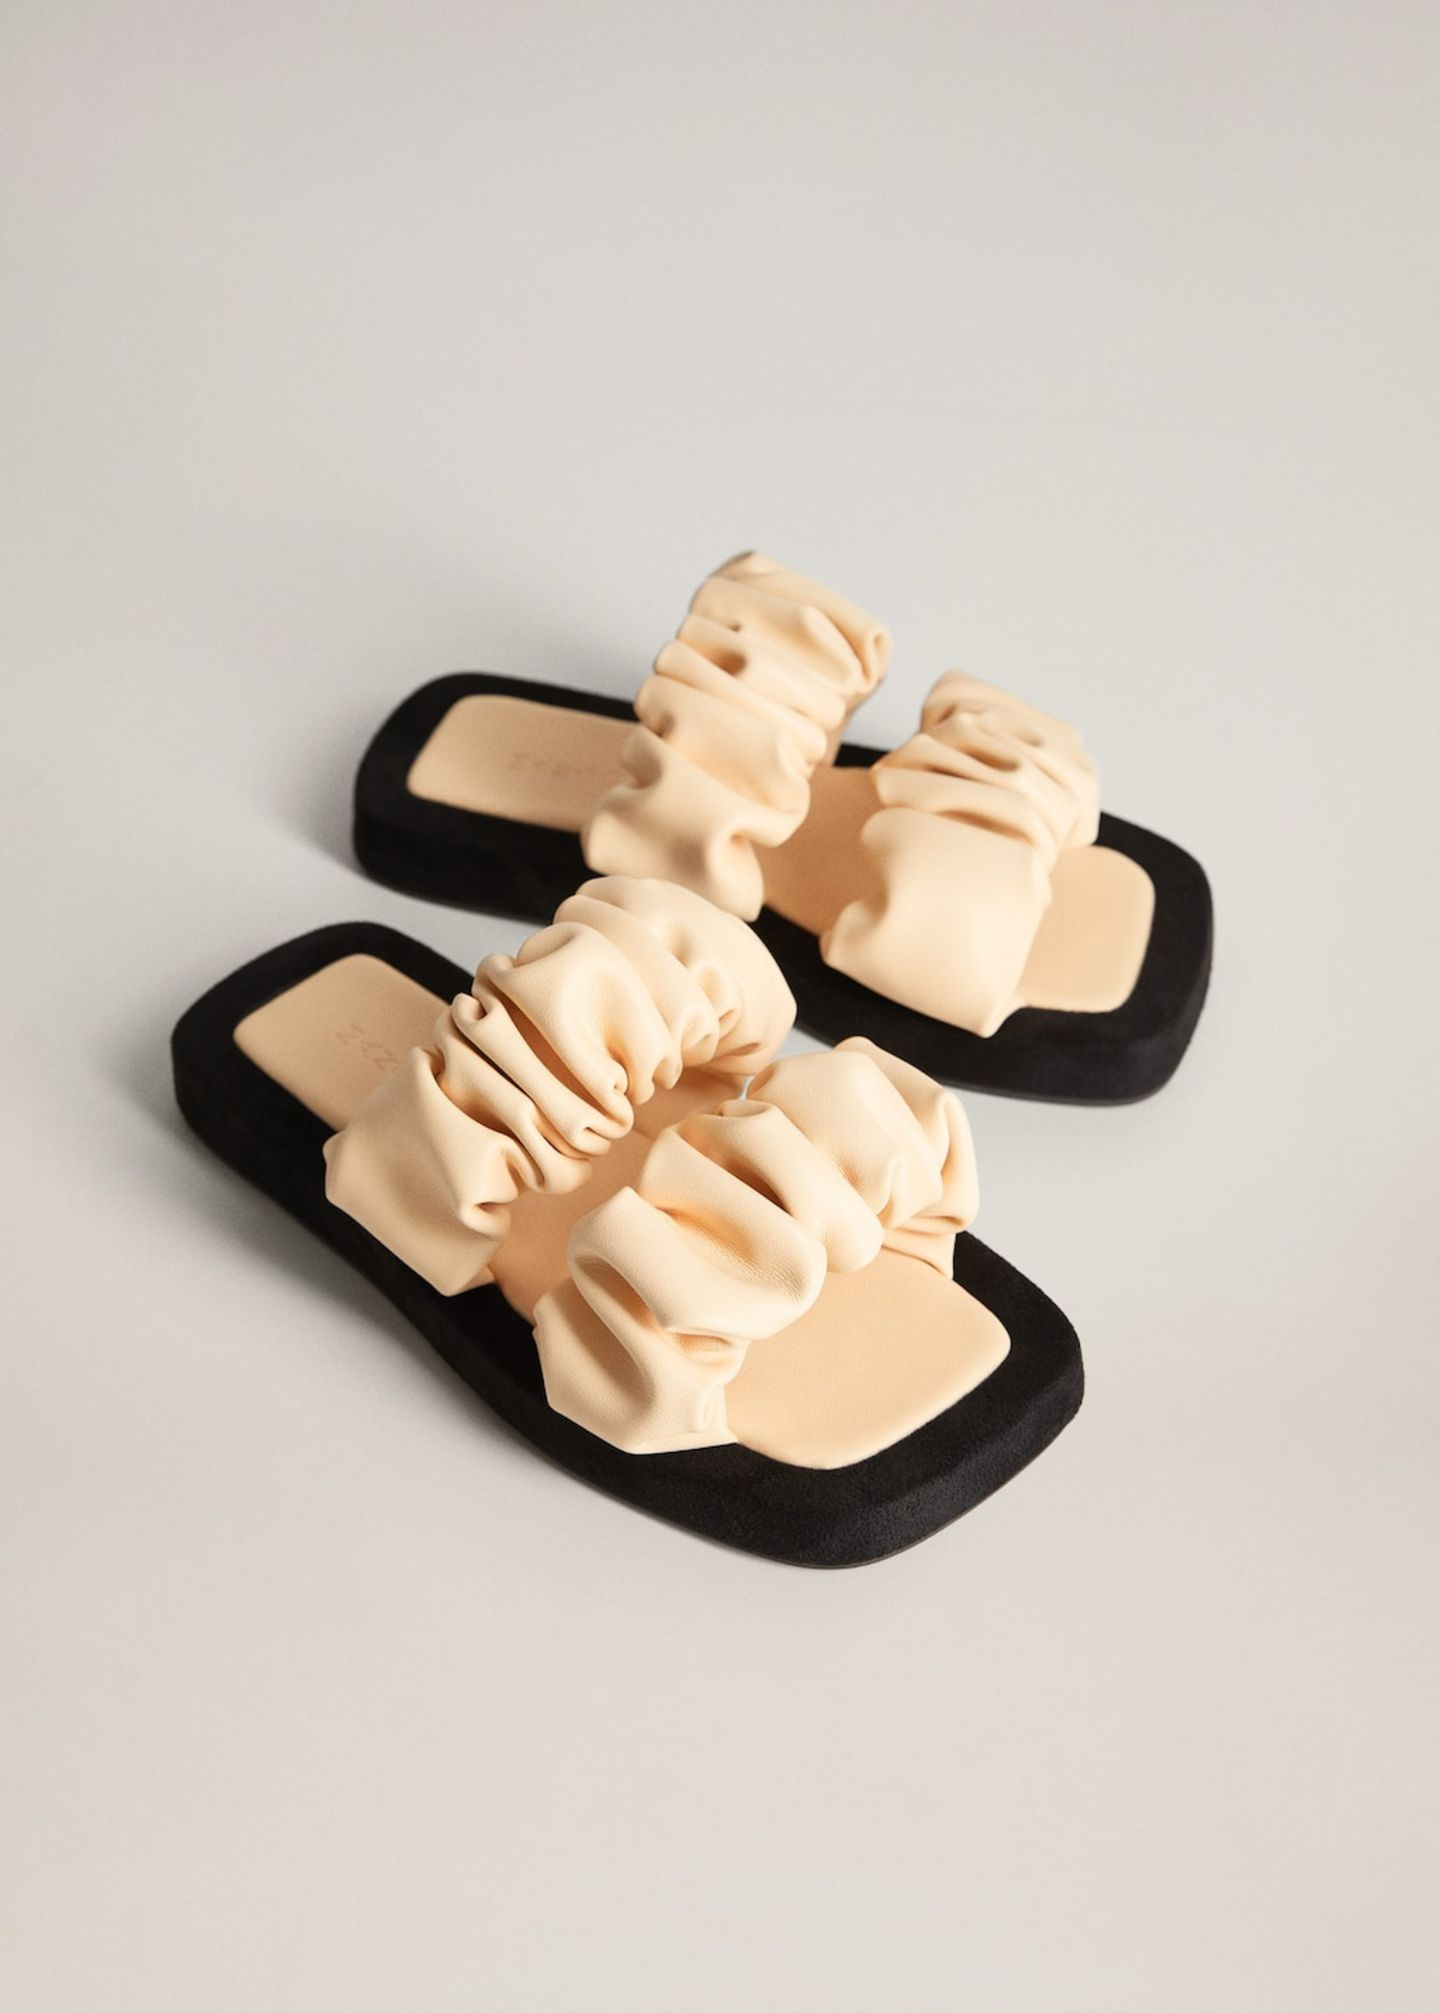 Sommerschuhe: Sandalen mit gerafften Riemen